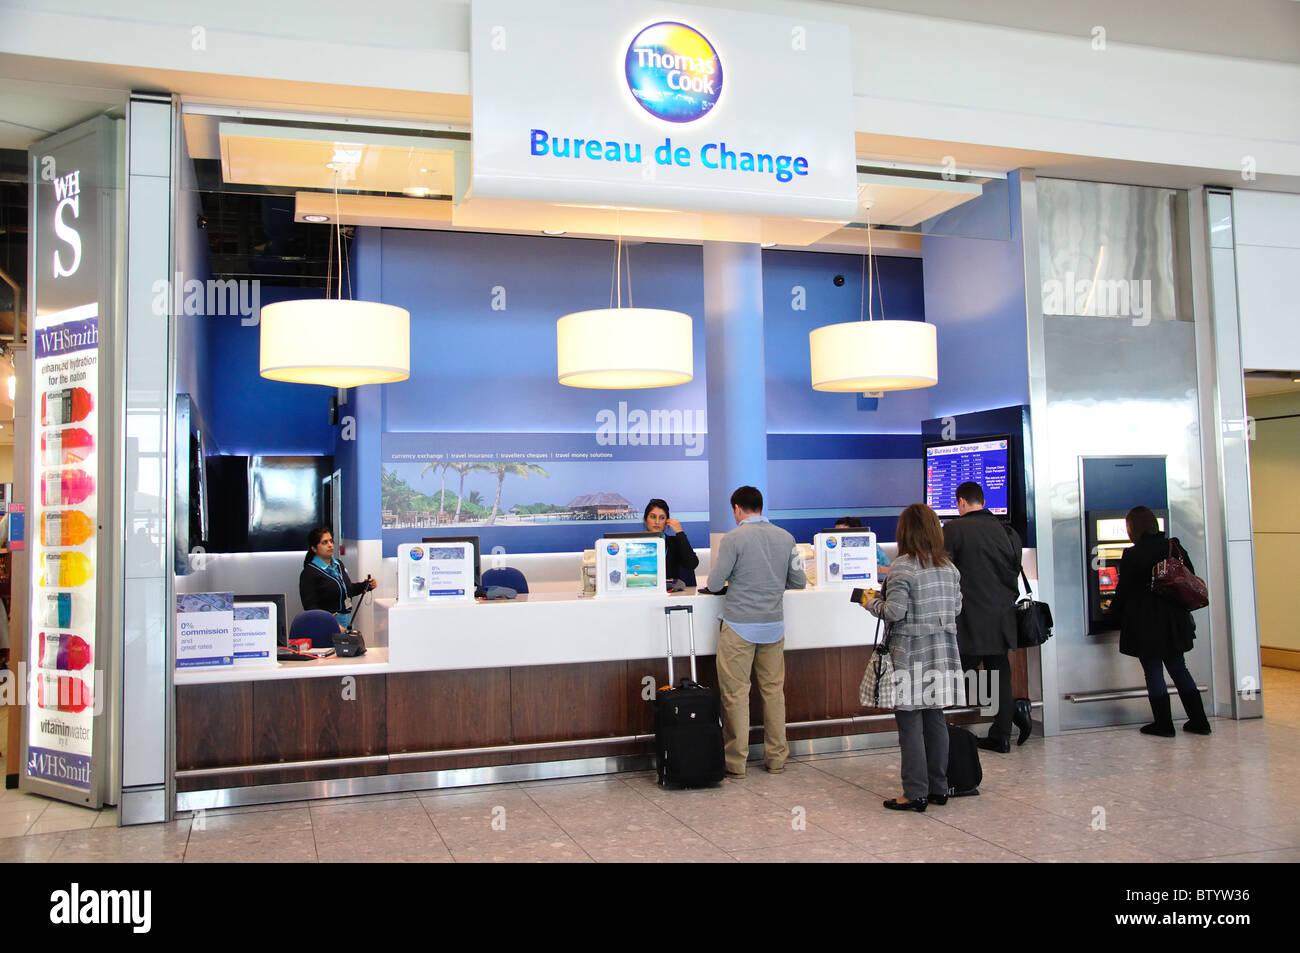 Bureau de change stock photos & bureau de change stock images alamy